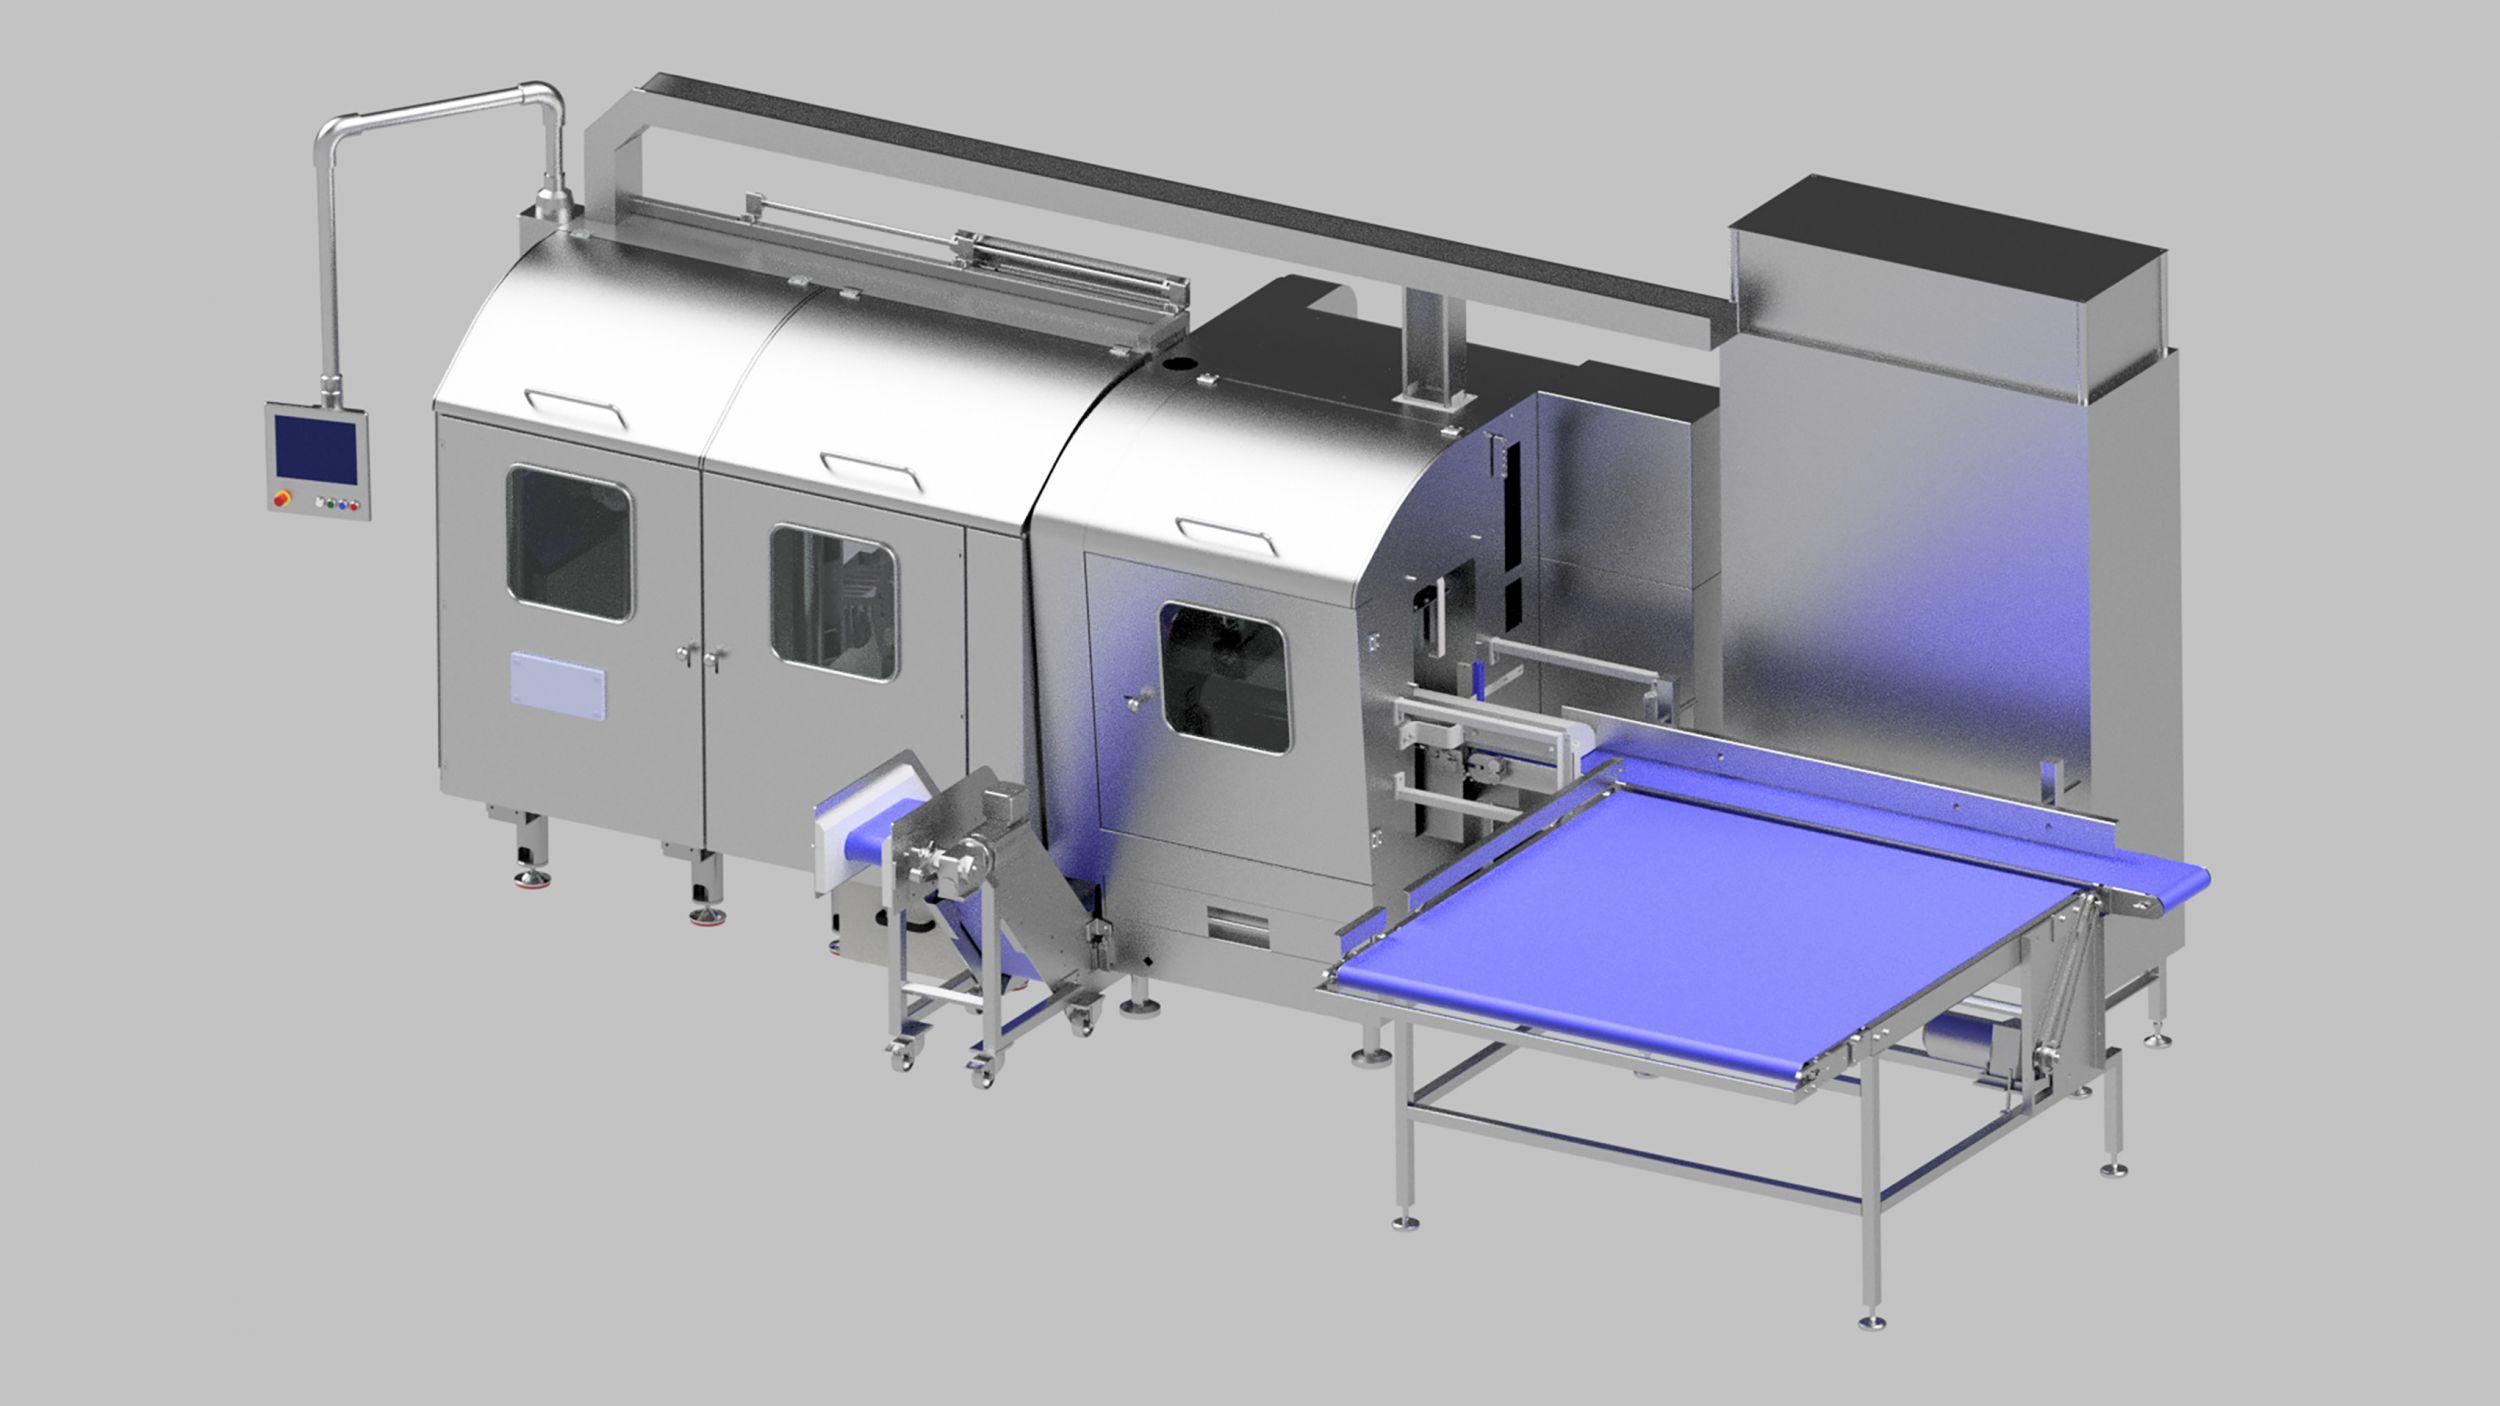 Die Brotschneidemaschine Rotec 3000 ist modular aufgebaut: Schneideinheit und Portionierer werden mit dem Schaltschrank von oben über einen geschlossenen Kabelkanal aus Edelstahl mit Energie-, Daten- und Steuerungskabeln verbunden. (Bild: MKW)